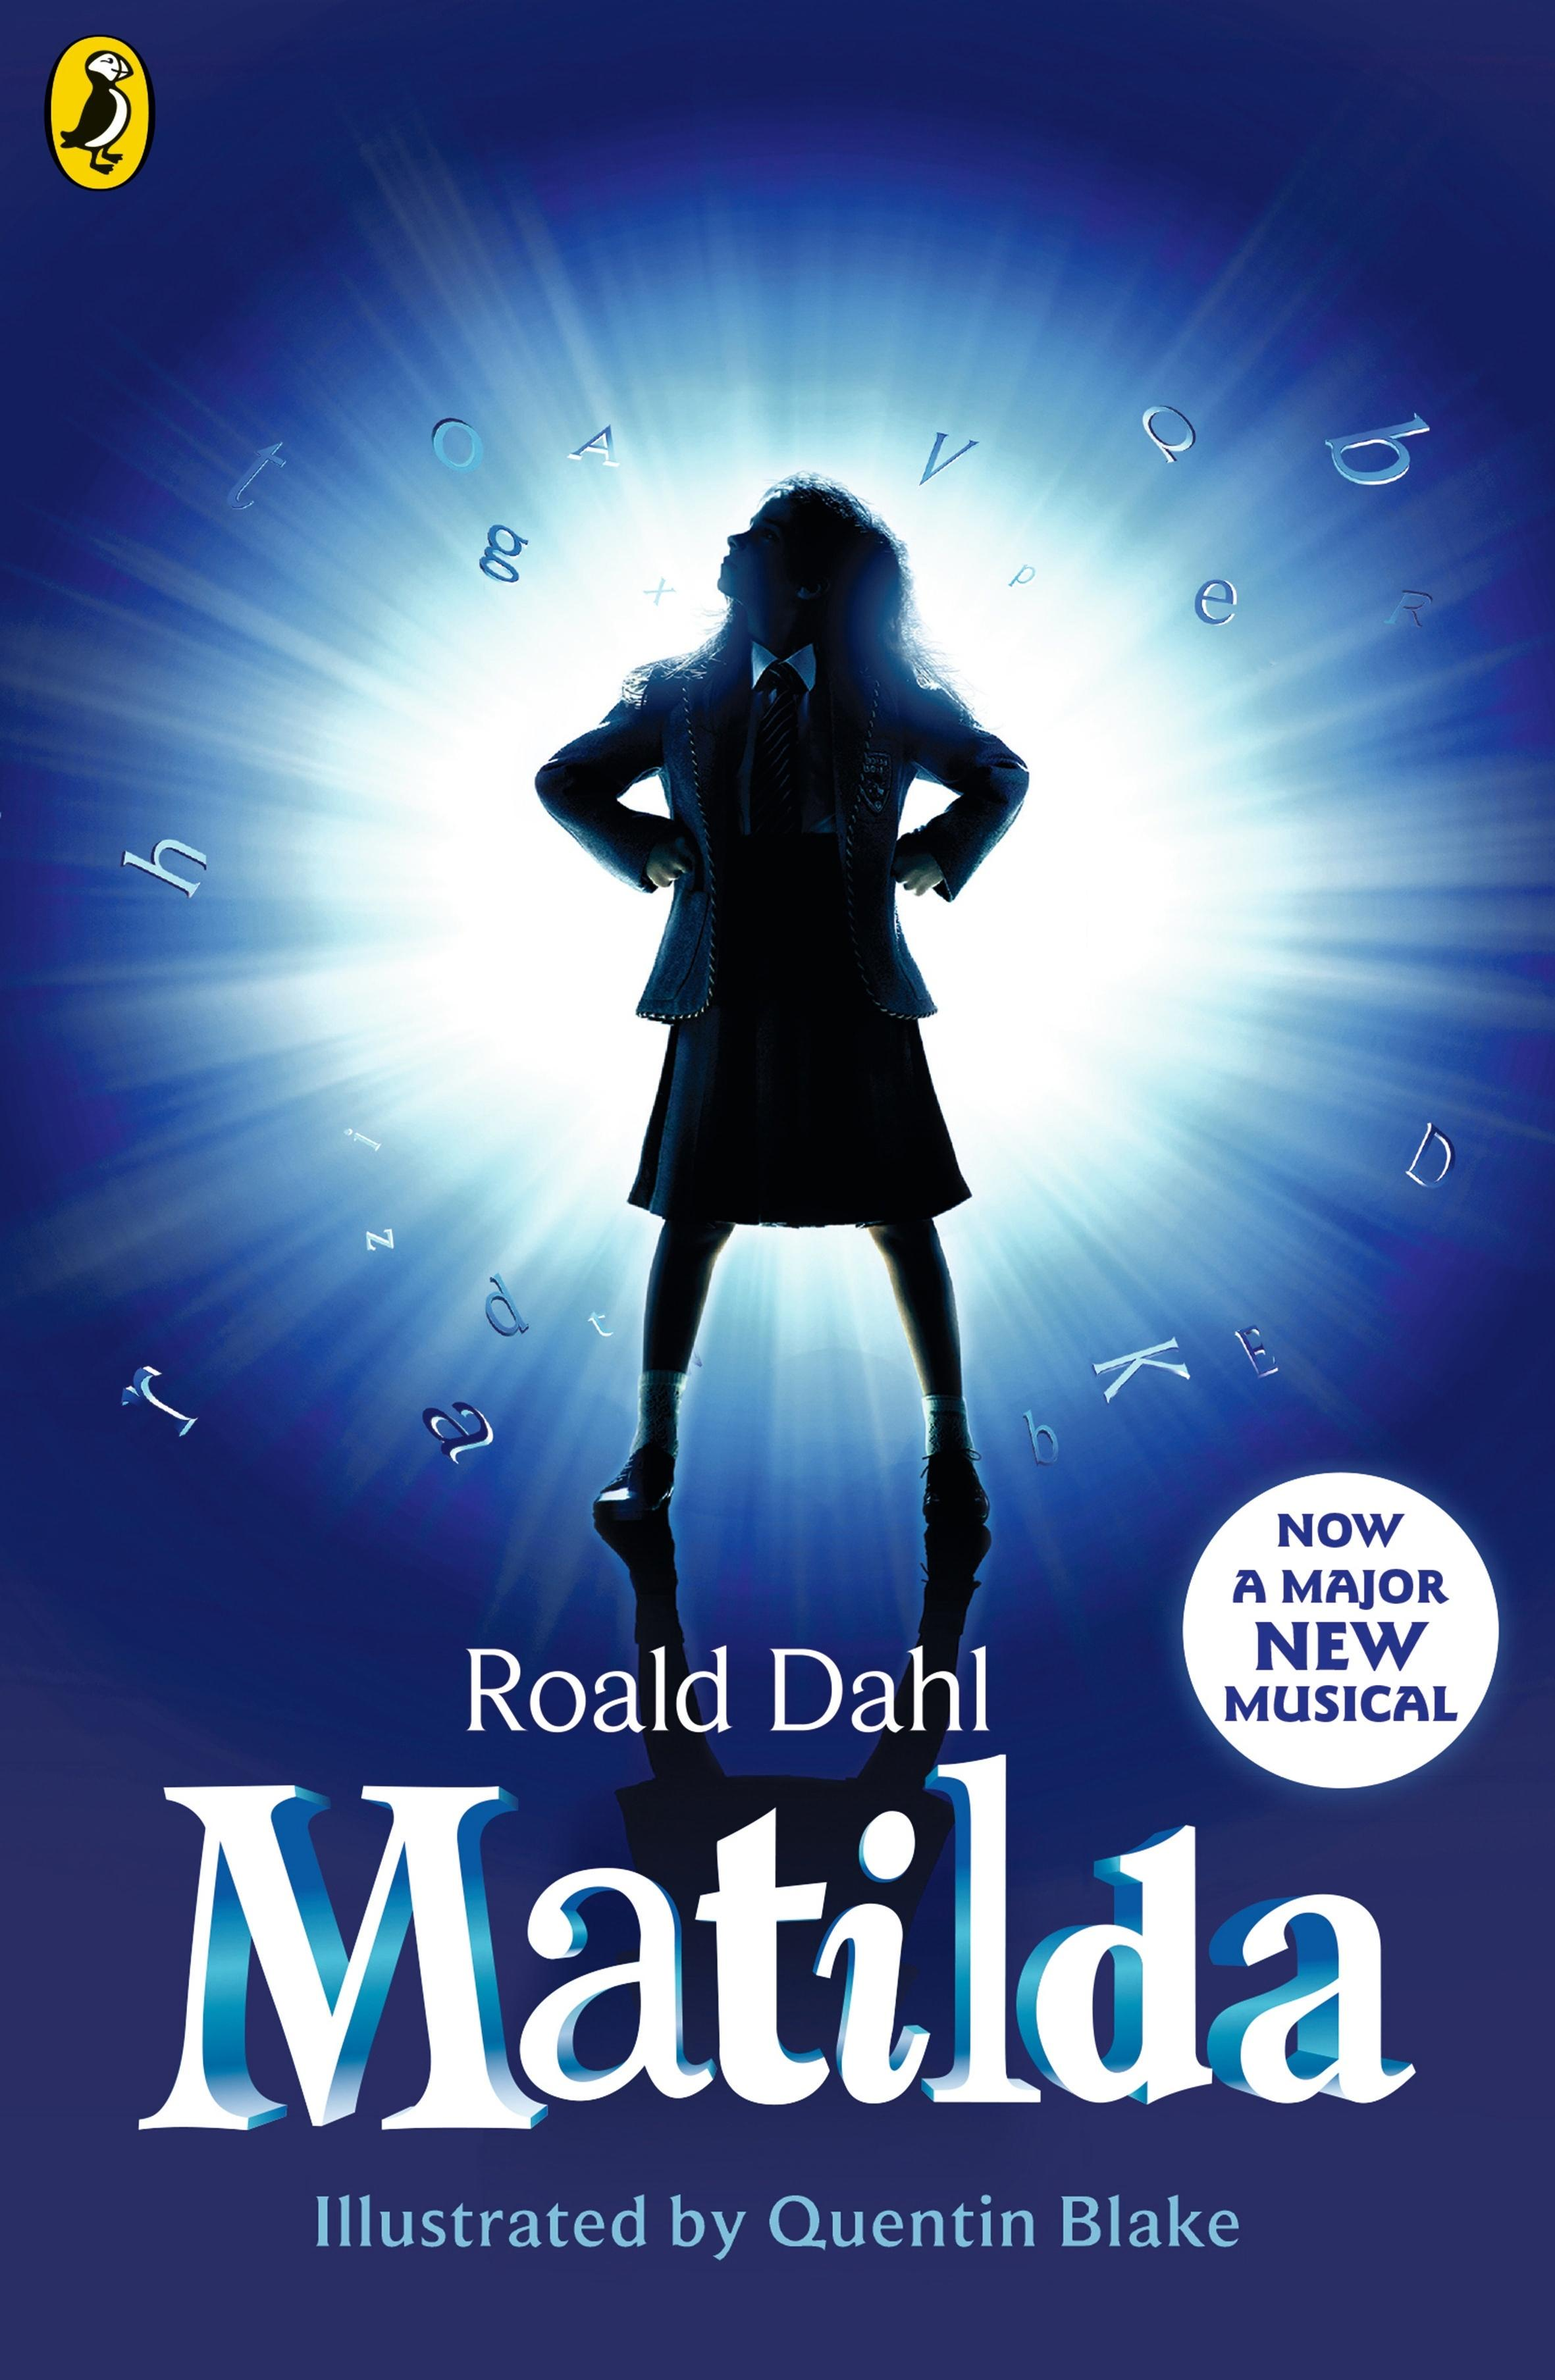 Blog: Why we love Roald Dahl's Matilda · Readings com au